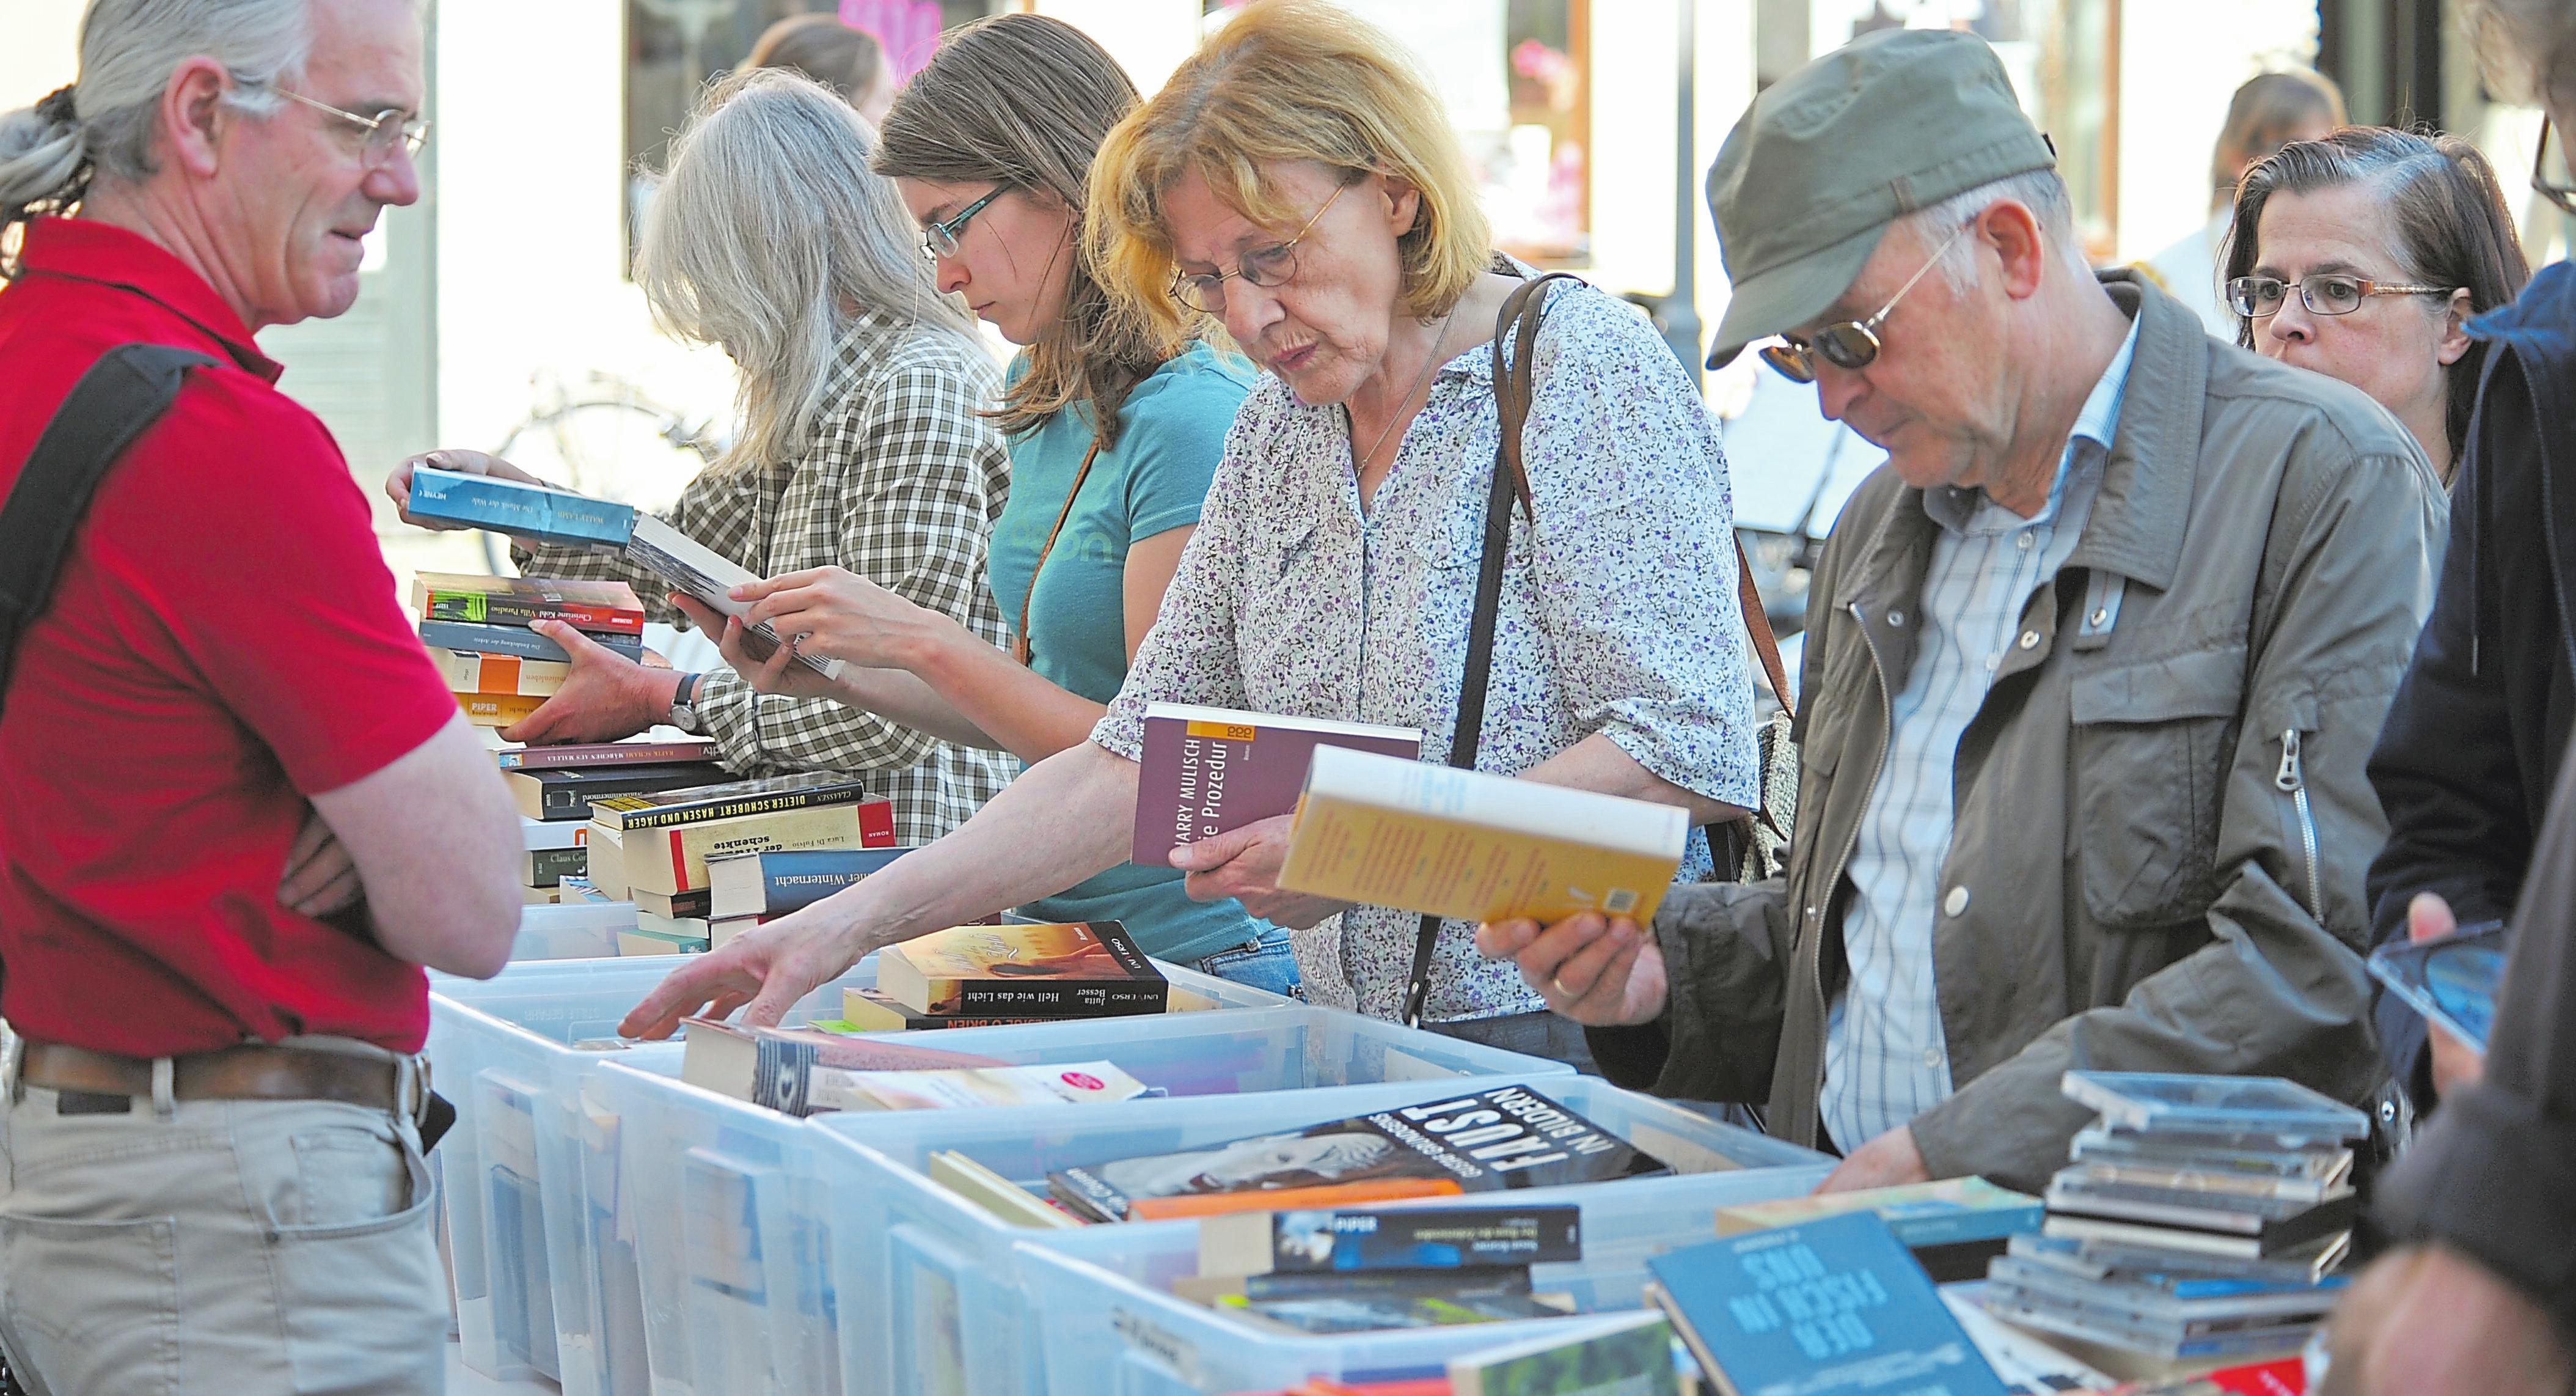 Der Förderverein der Stadtbücherei organisiert wieder einen Bücherflohmarkt. Foto: Drunkenmölle